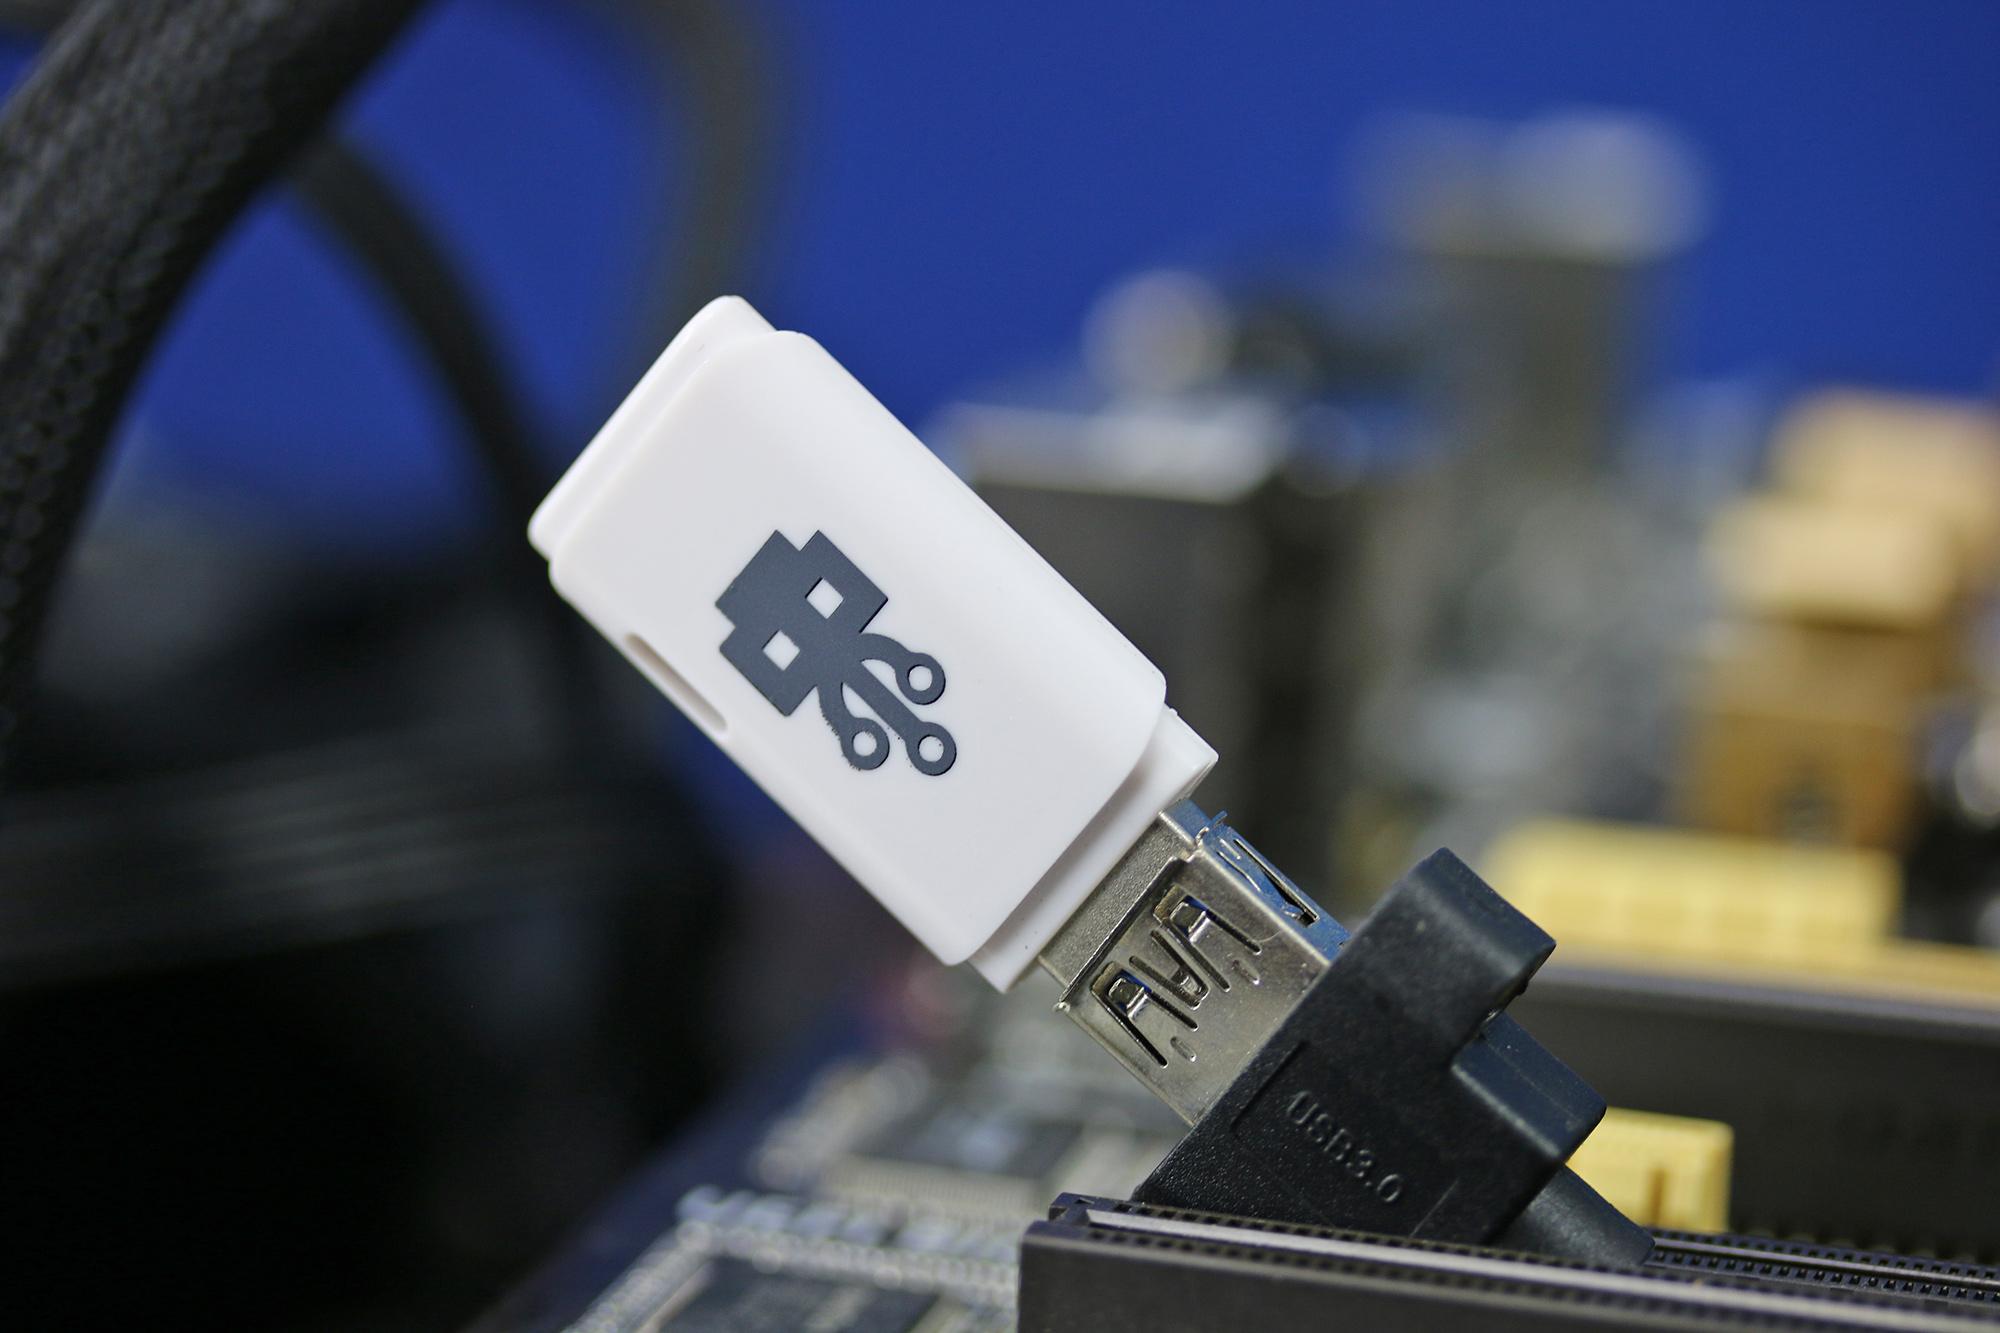 USB Killer 2 inkopplad i en USB-port